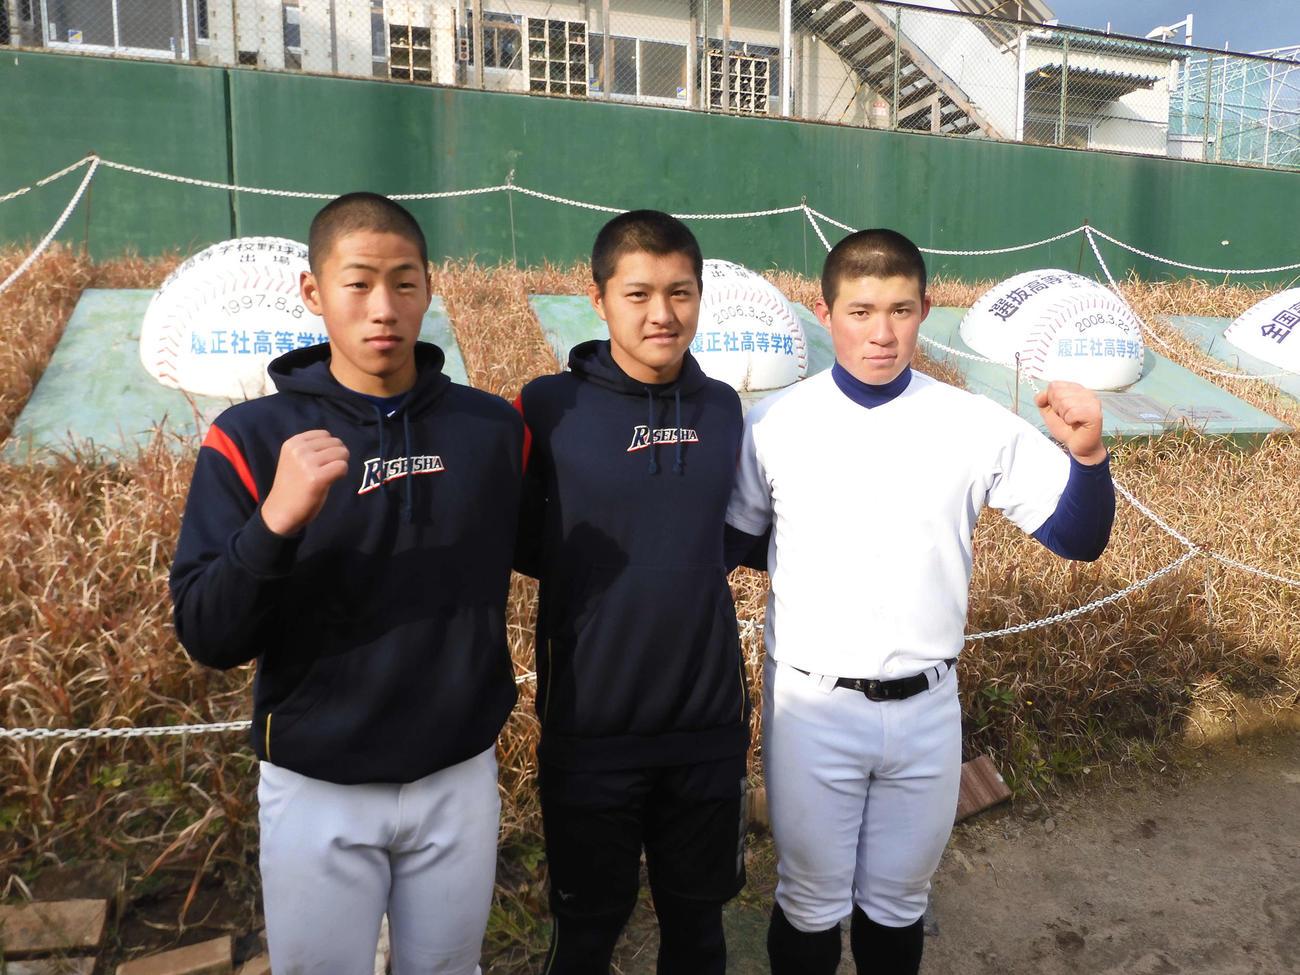 履正社の(左から)岩崎峻典投手、関本勇輔捕手、小深田大地内野手(2020年1月4日撮影)